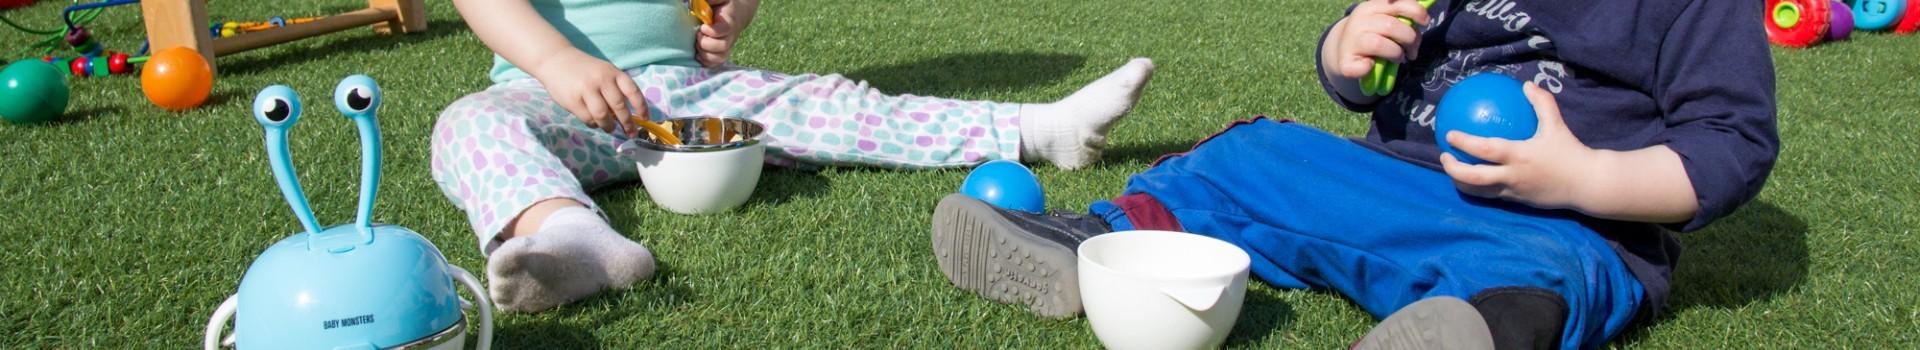 Productos para el Baño y la Higiene de tu bebé   Baby Monsters